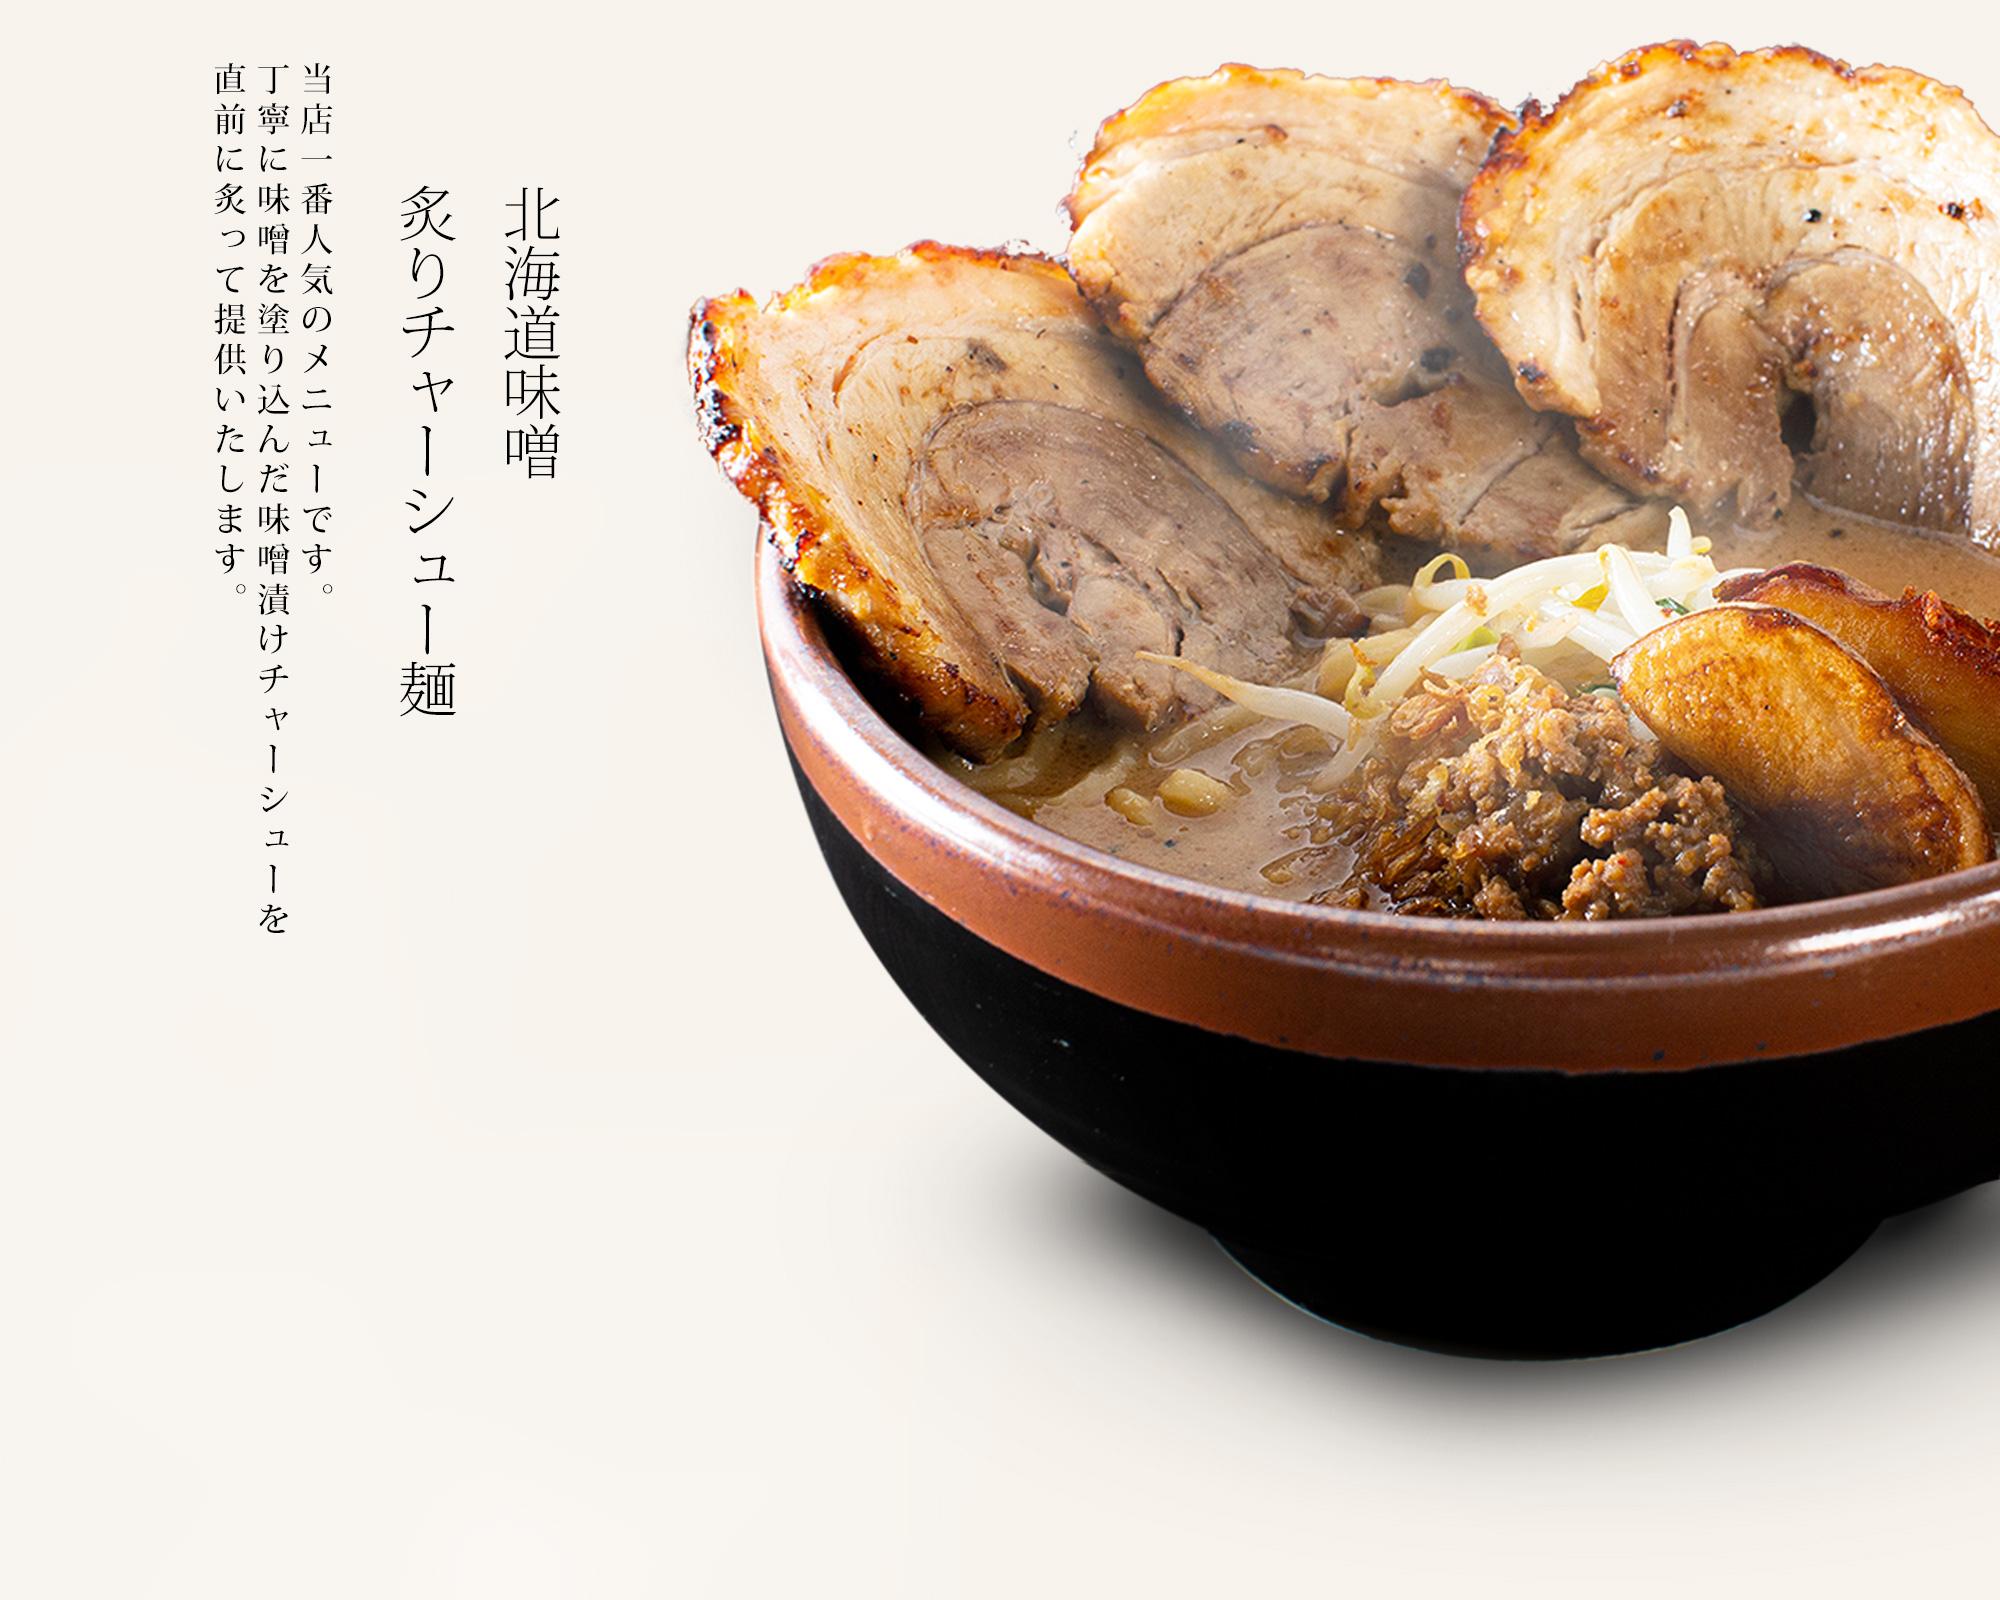 【北海道味噌 炙りチャーシュー麺】当店一番人気のメニュー。丁寧に味噌を塗り込んだ味噌漬けチャーシューを<br>直前にあみで炙って提供いたします。